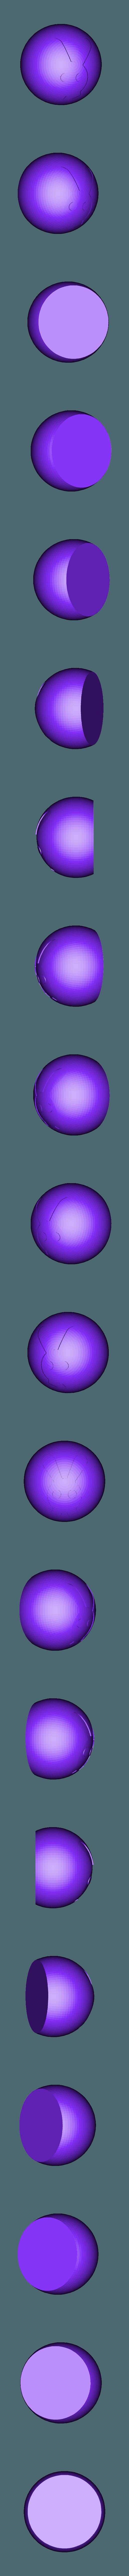 Ball.stl Télécharger fichier STL gratuit Mario + Lapins Crétins - Plumer's Helper Boomshot • Modèle pour impression 3D, Dsk